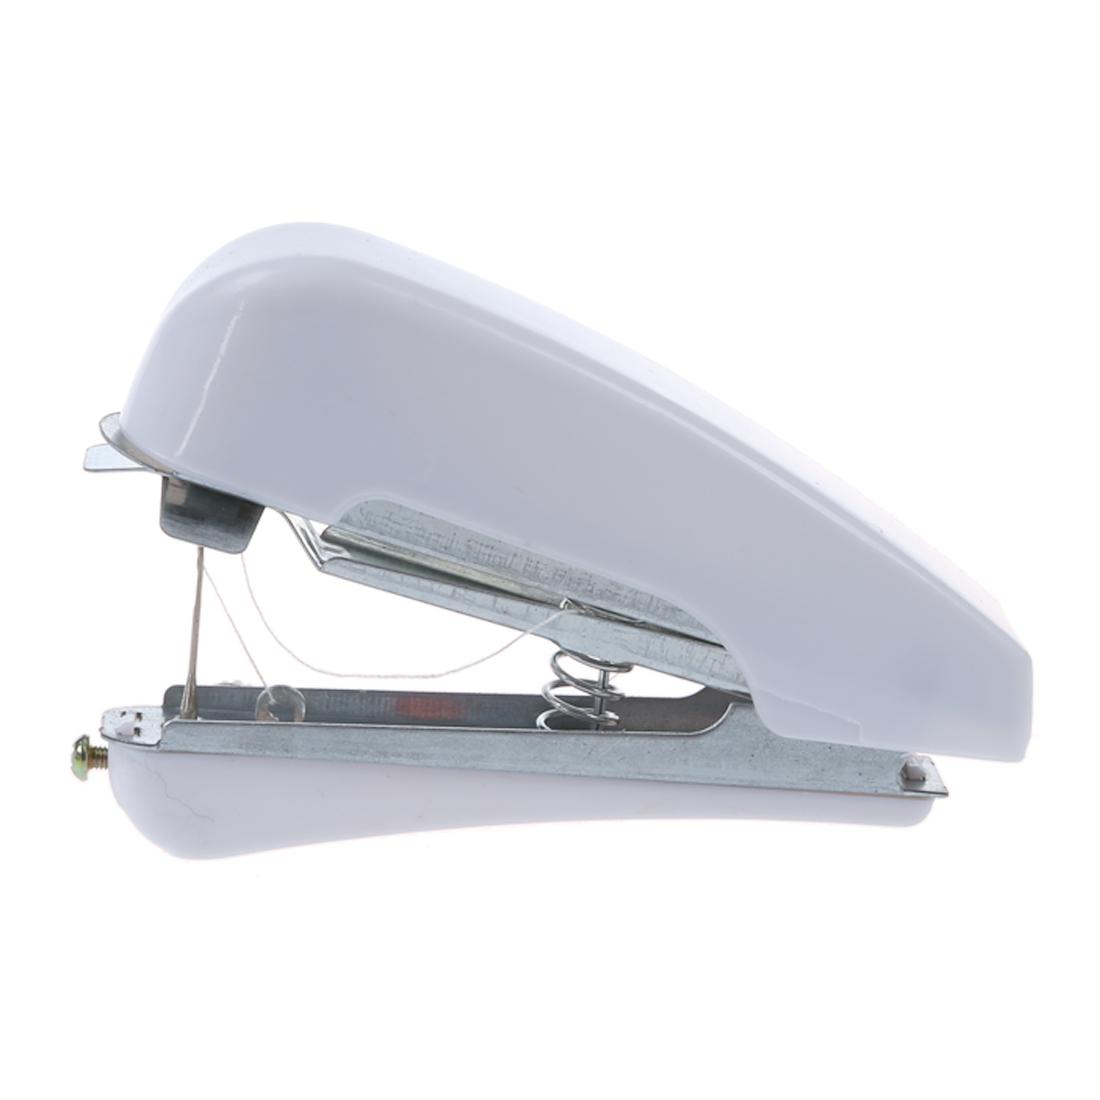 Mini macchina da cucire portatile a mano senza fili nuovo for Macchina da cucire mini portatile